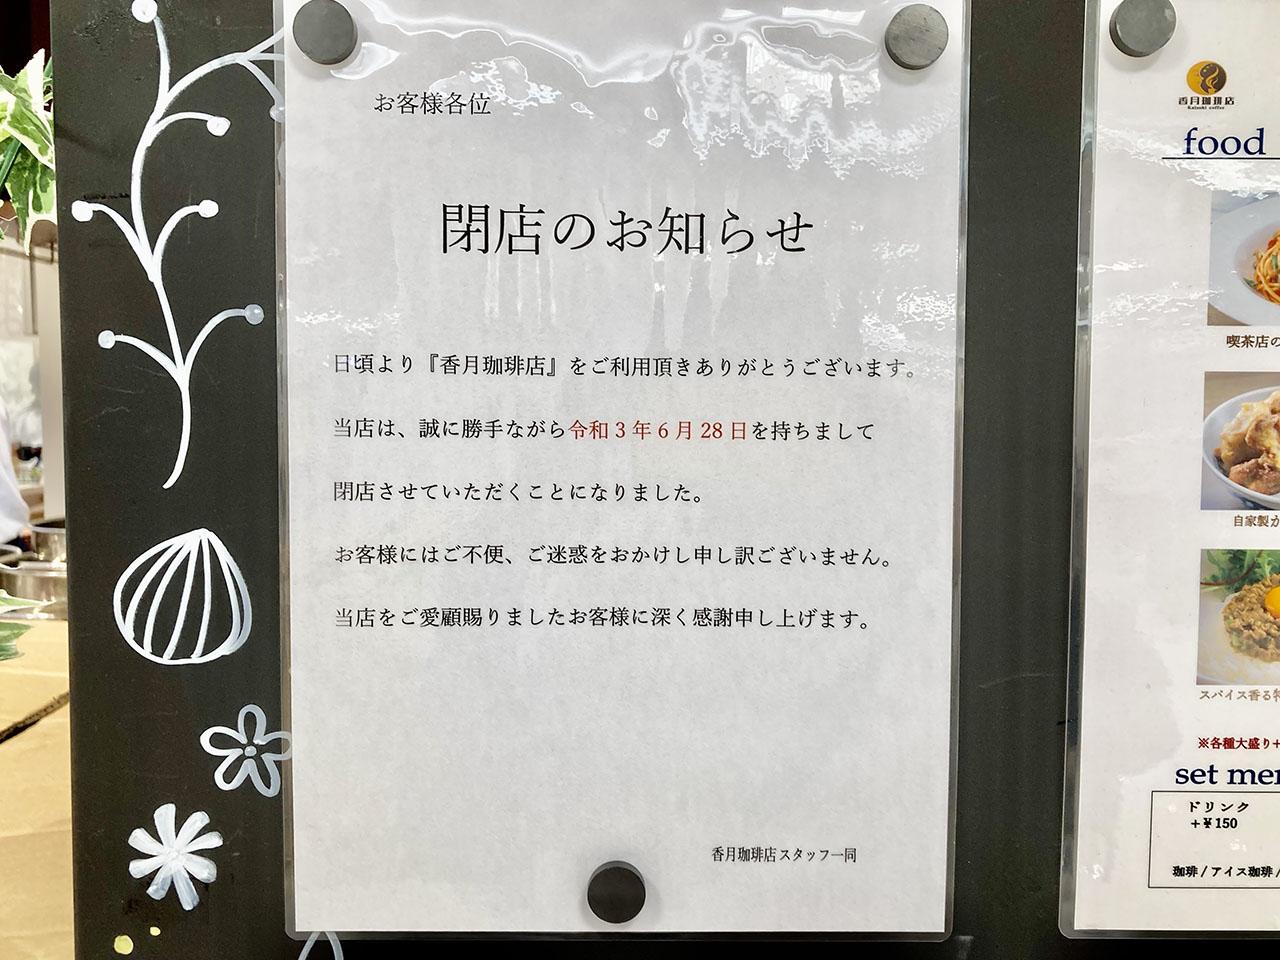 香月珈琲からちゃーしゅーや武蔵へ